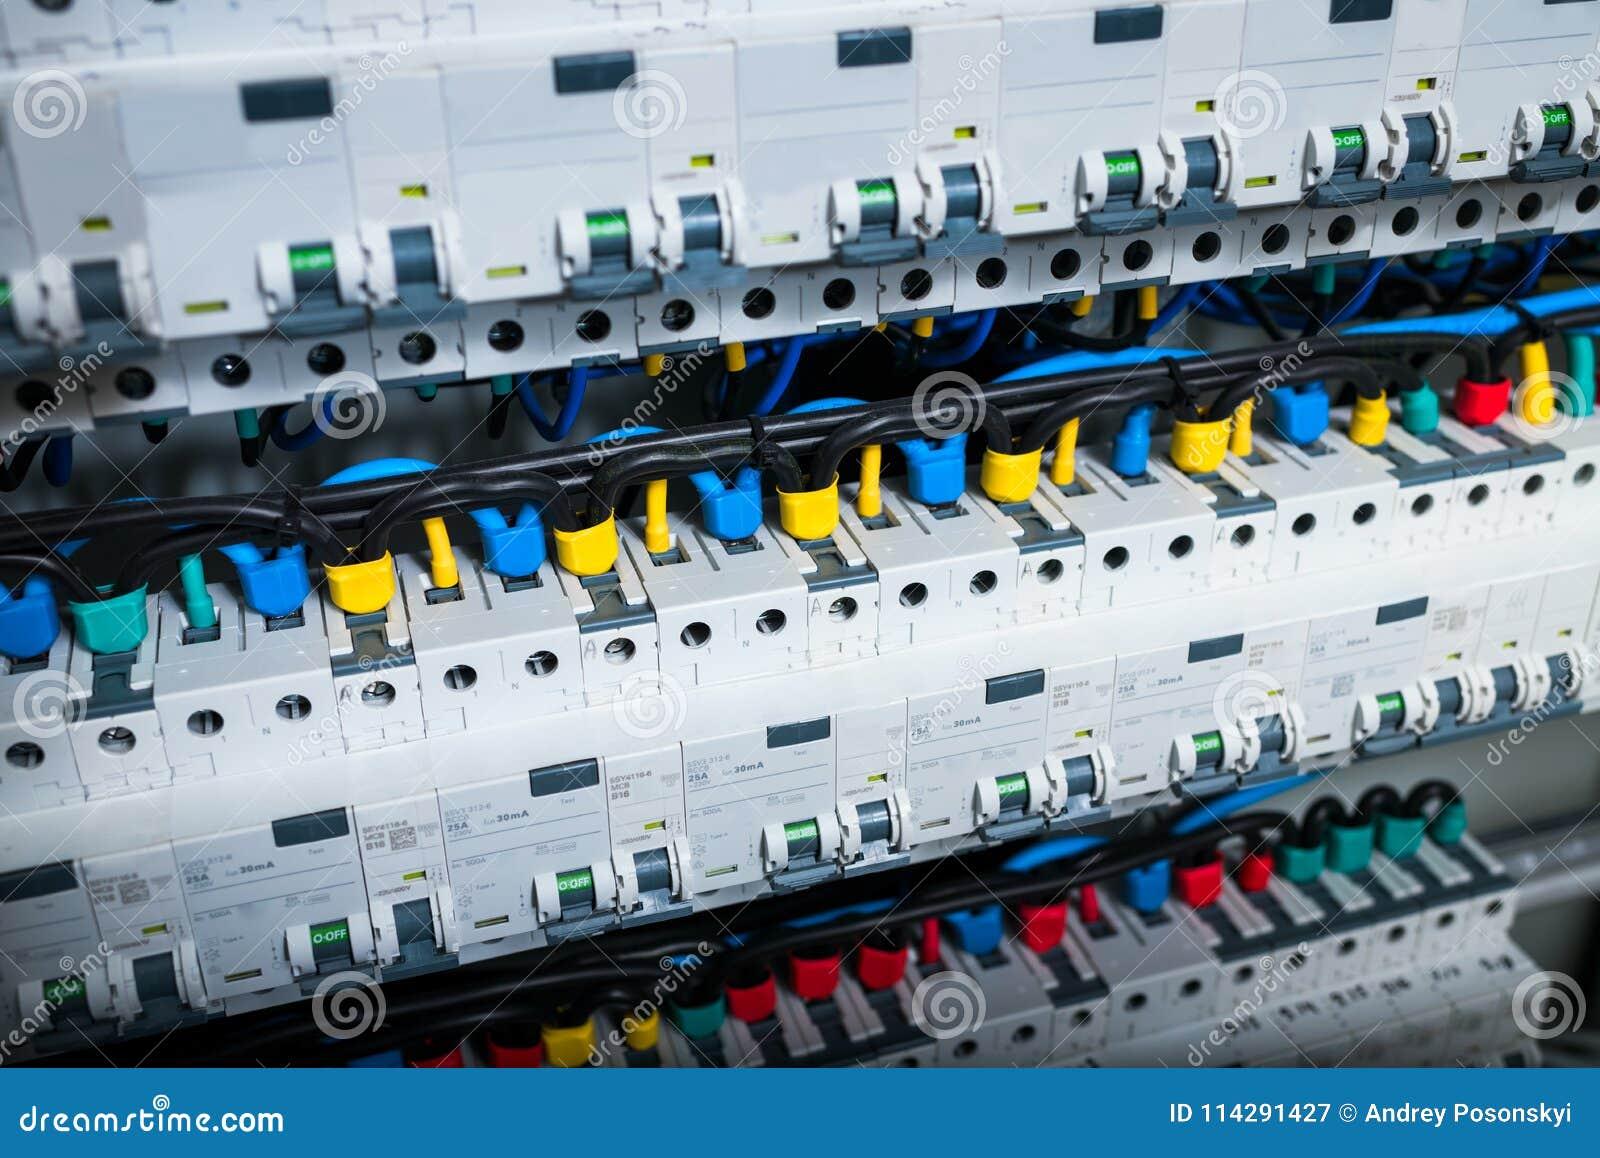 on machine wiring circuit box